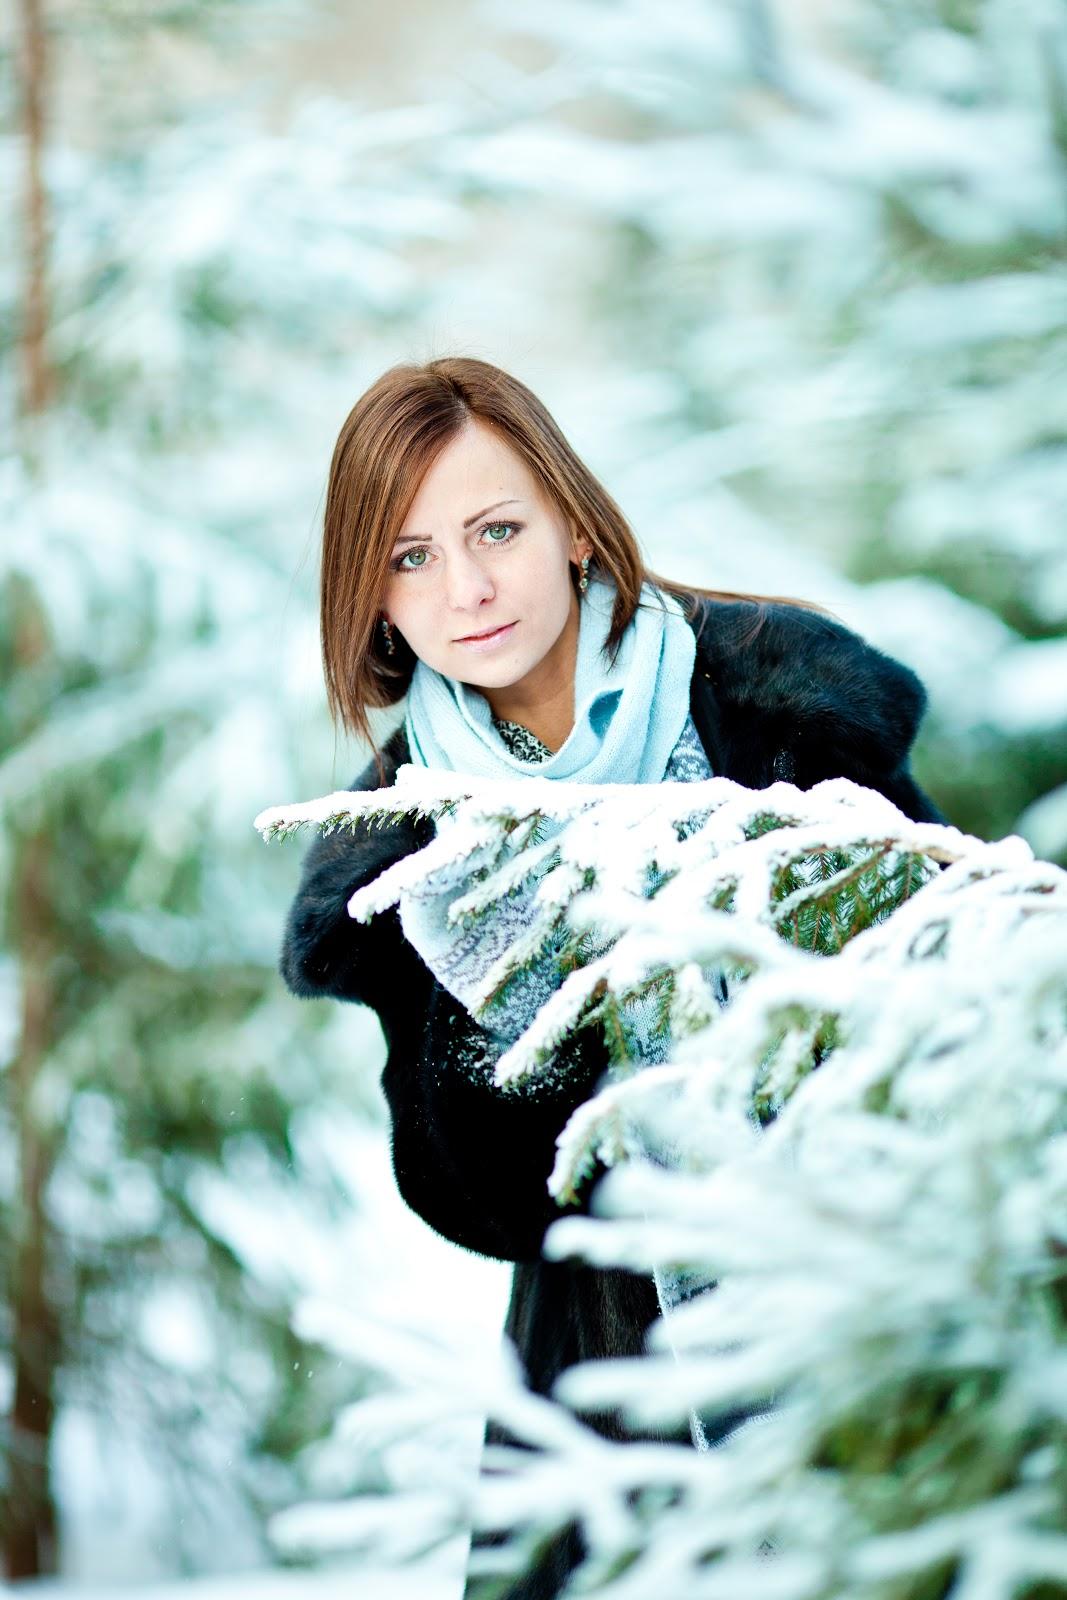 Зимняя фотосессия на улице идеи фото девушек